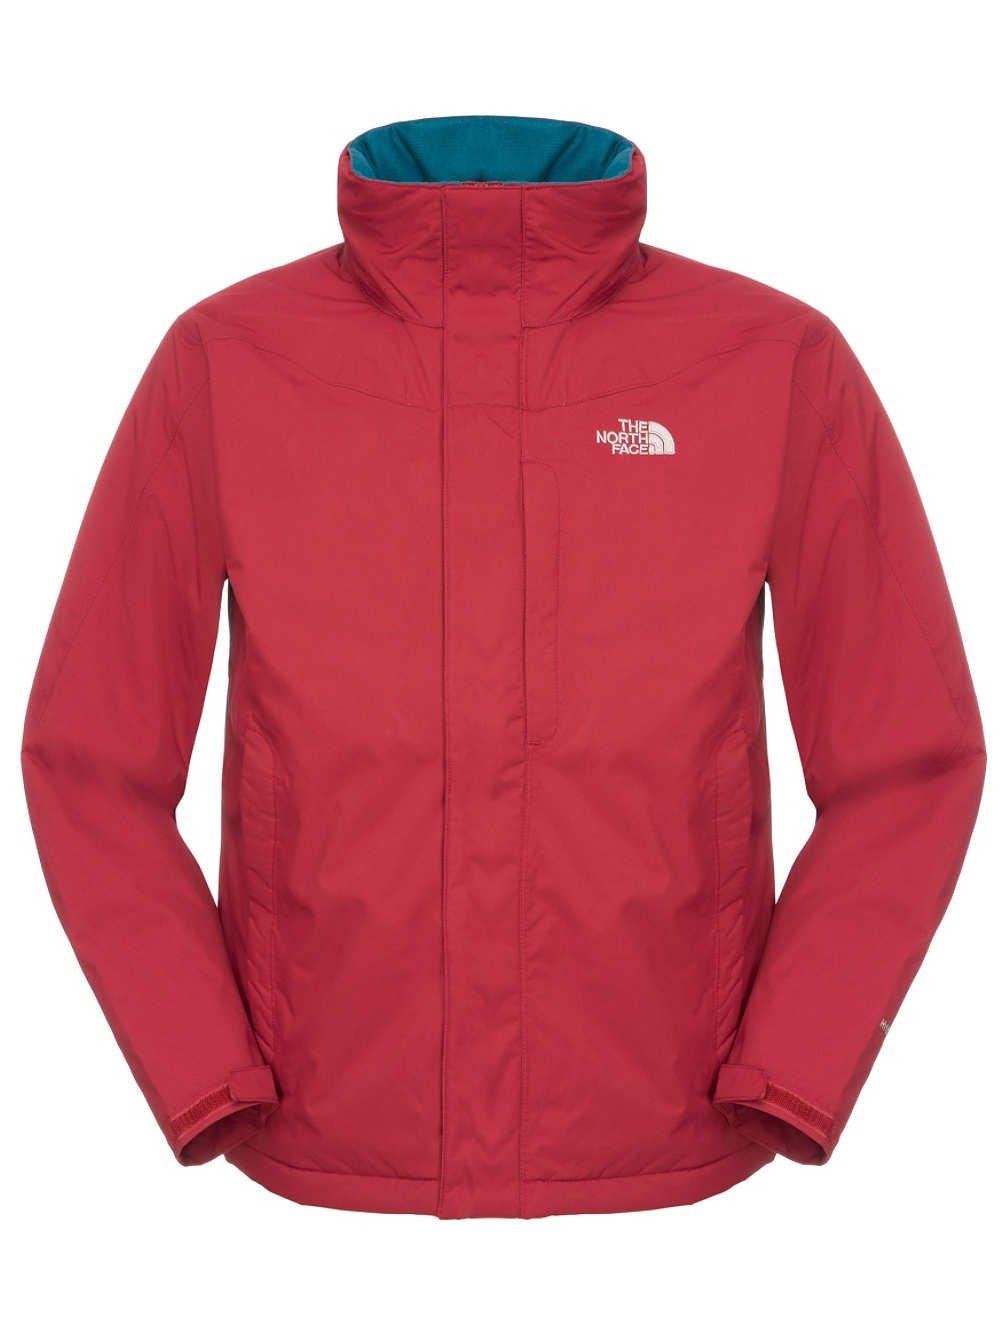 The North Face M Highland Jacket - Chaqueta para hombre, color rojo, talla XL: Amazon.es: Deportes y aire libre